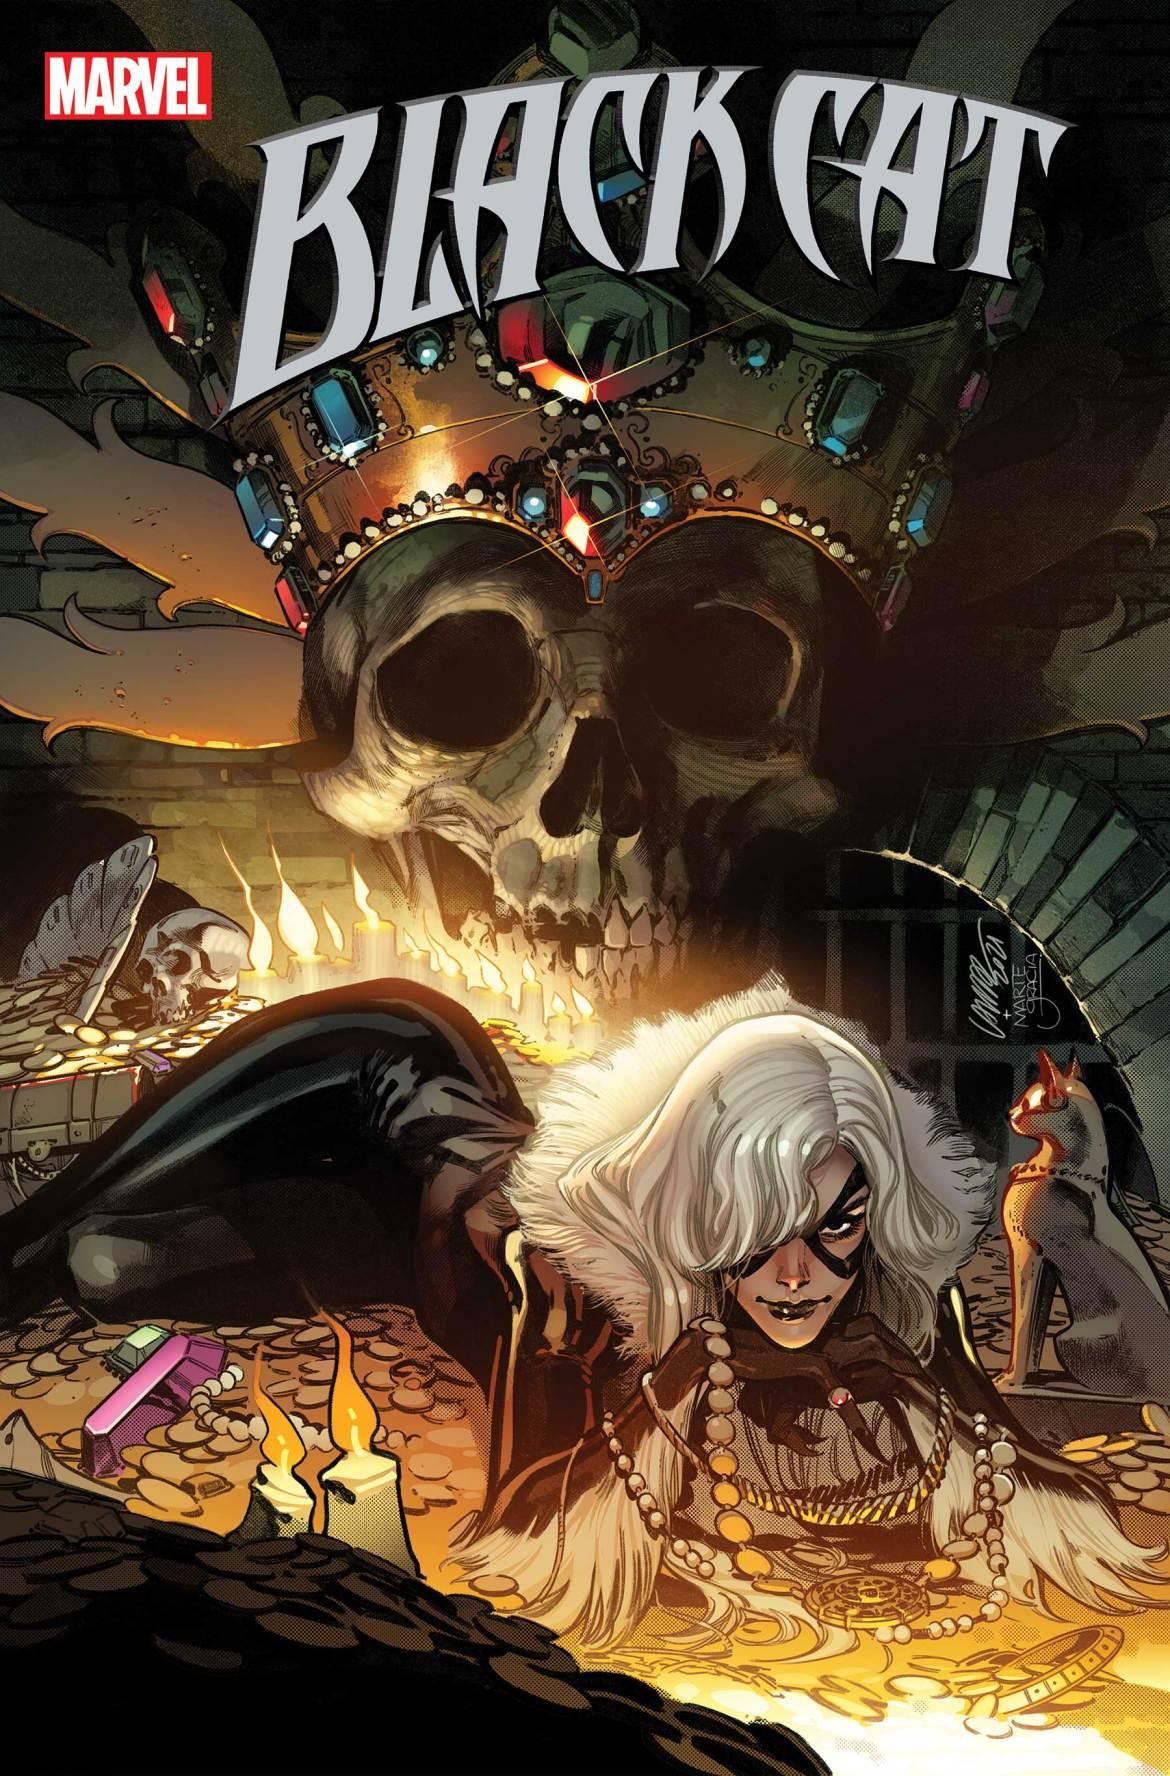 BLACKCAT2020006_cov Marvel Comics May 2021 Solicitations